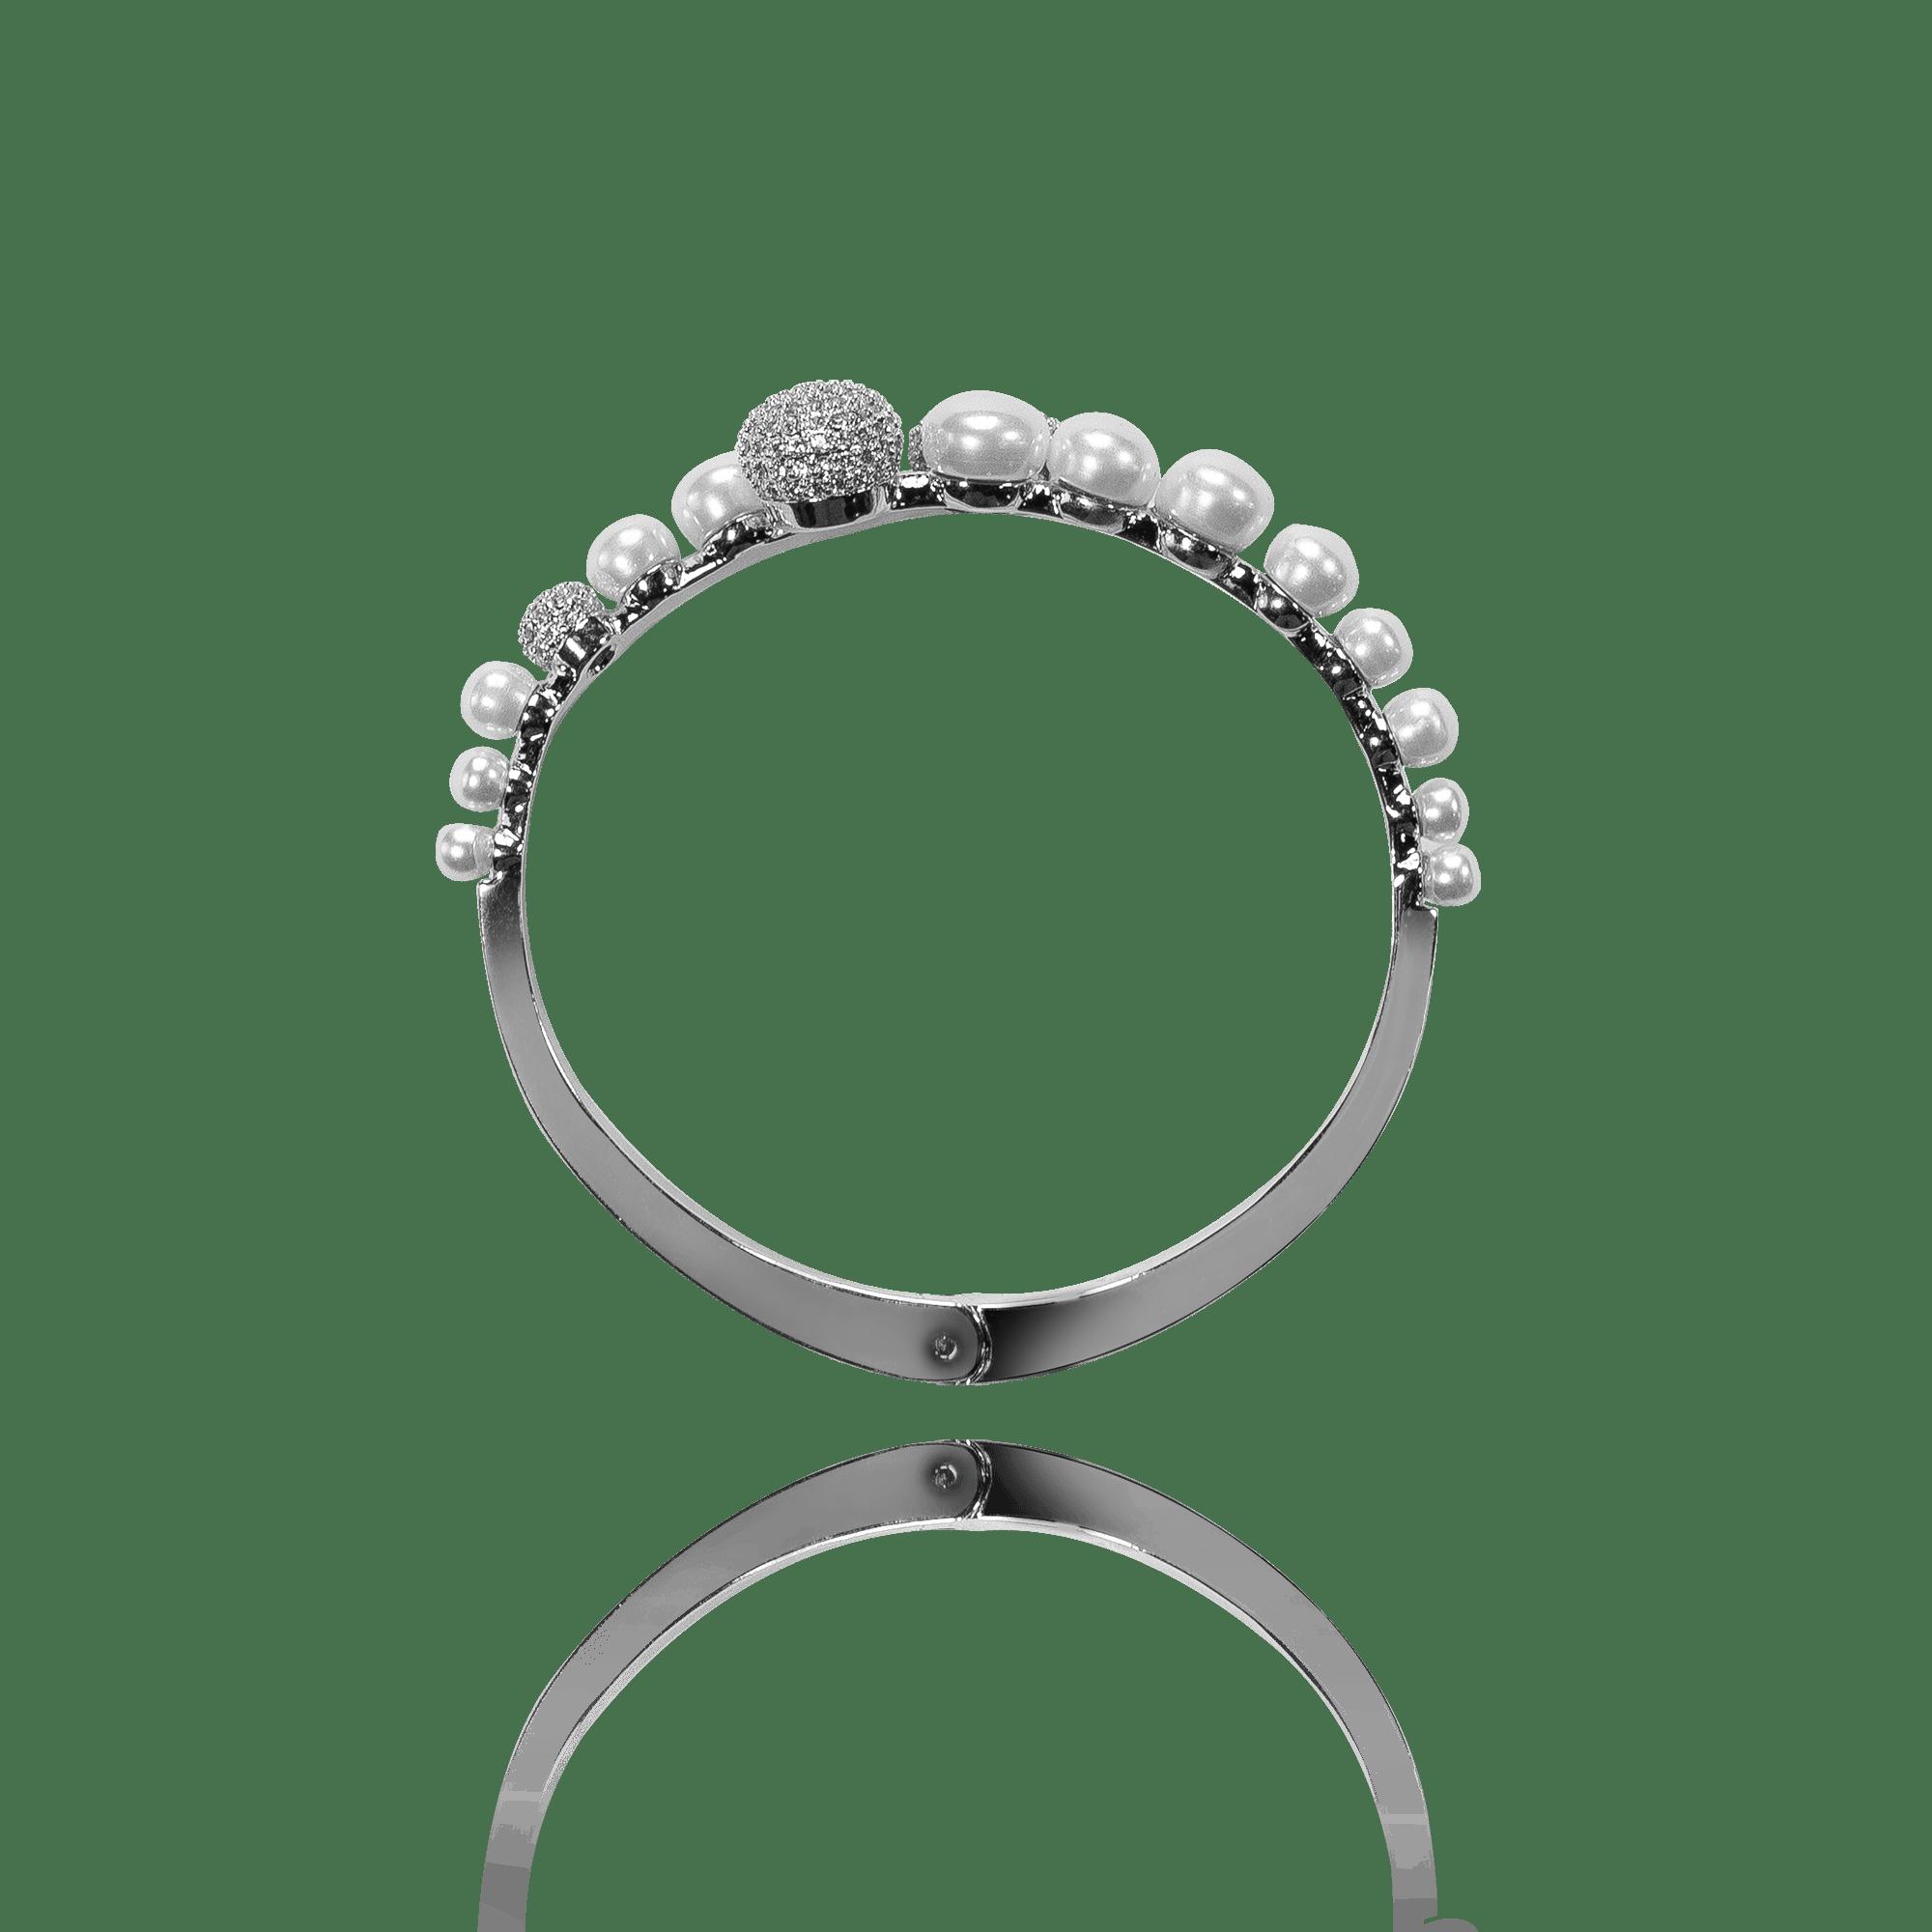 Pulseira Bracelete Prateada Pérolas e Zircônias